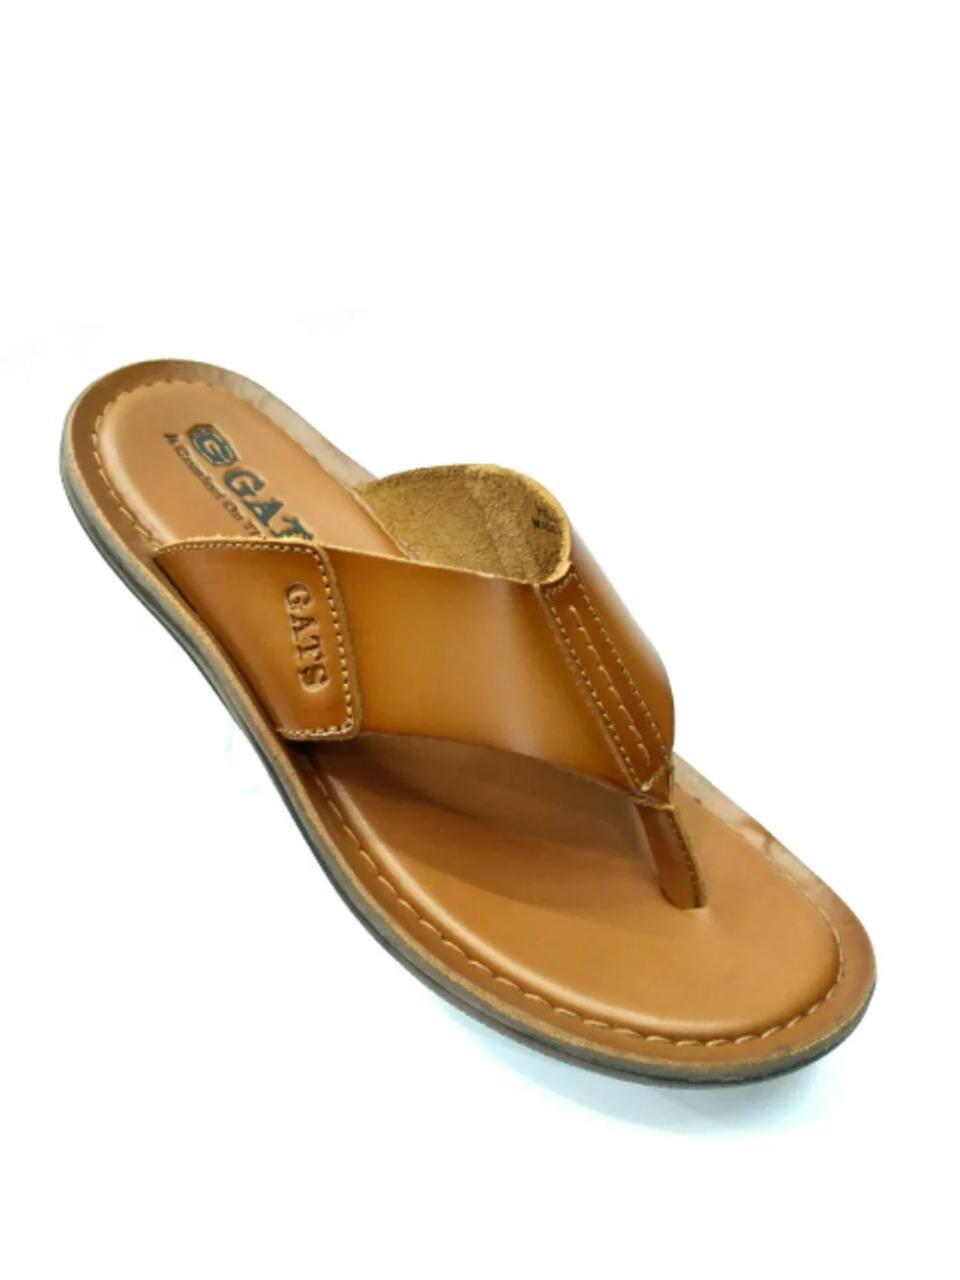 Sandal Kulit Gats HG 282 - TAN